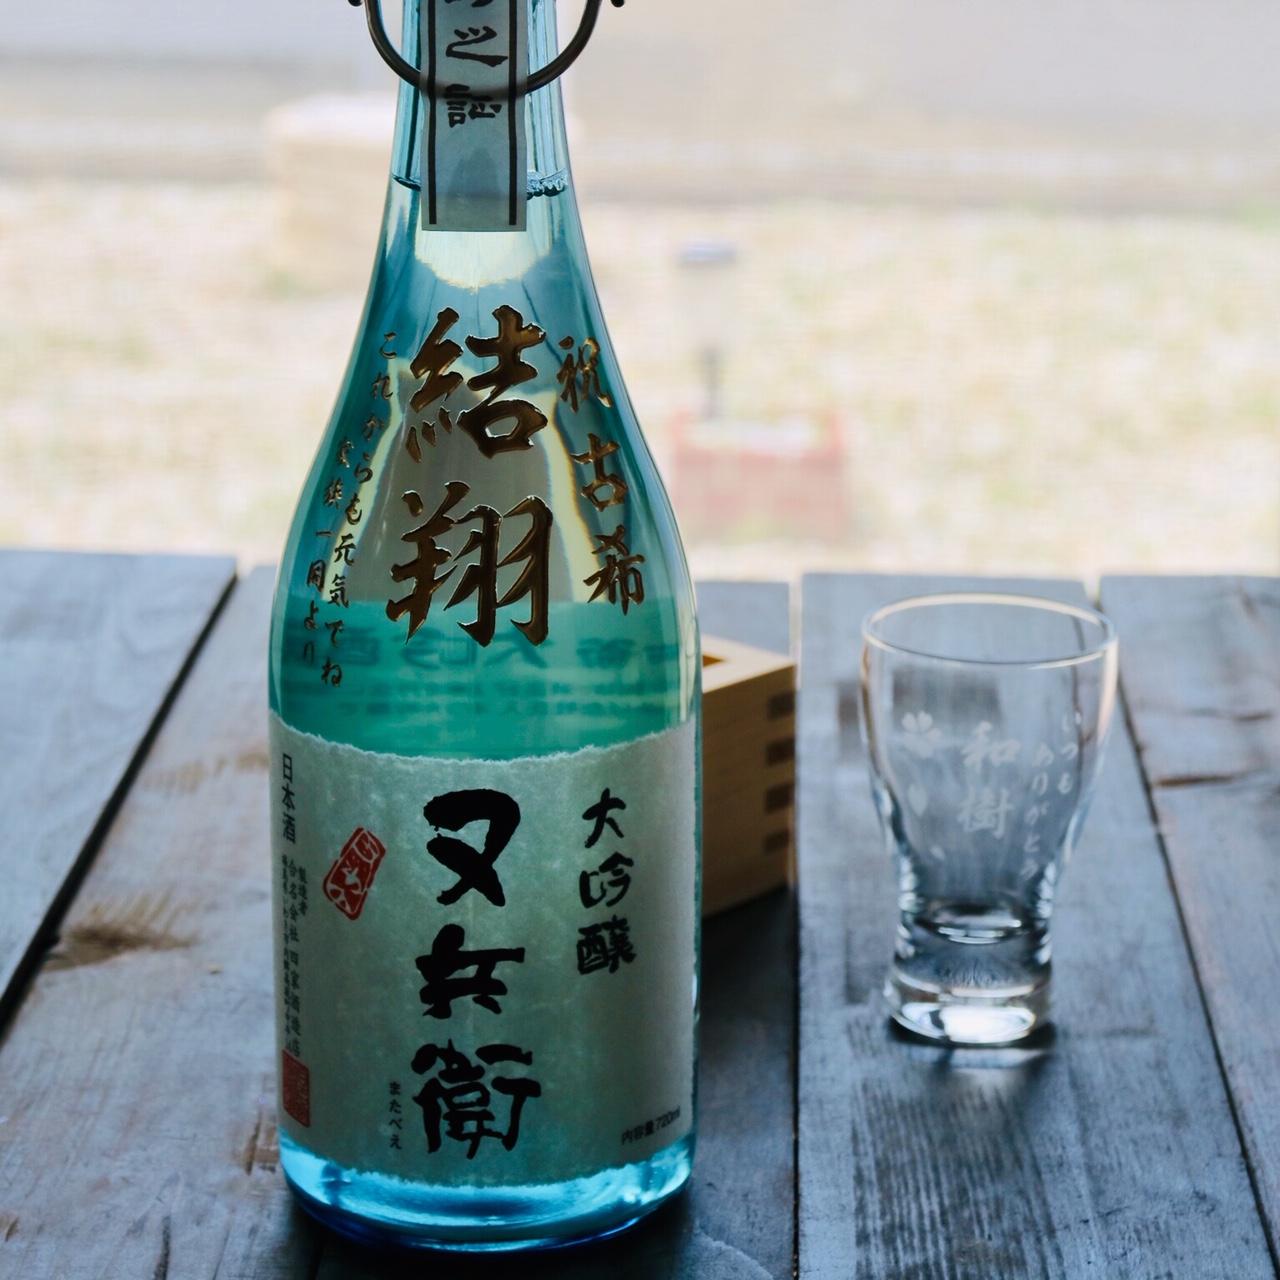 福島県の酒をお中元に~名入れ彫刻いたします!